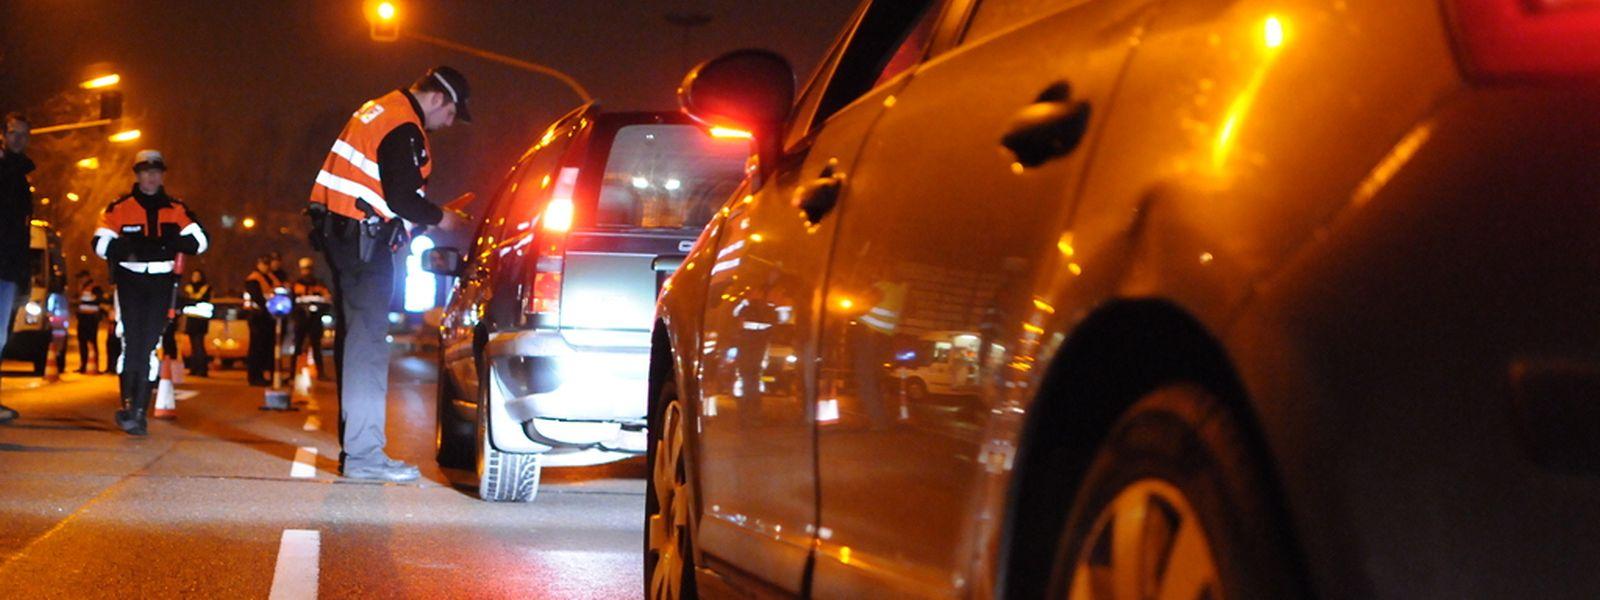 Drei Autofahrern wurde in der Nacht zum Donnerstag der Führerschein entzogen.